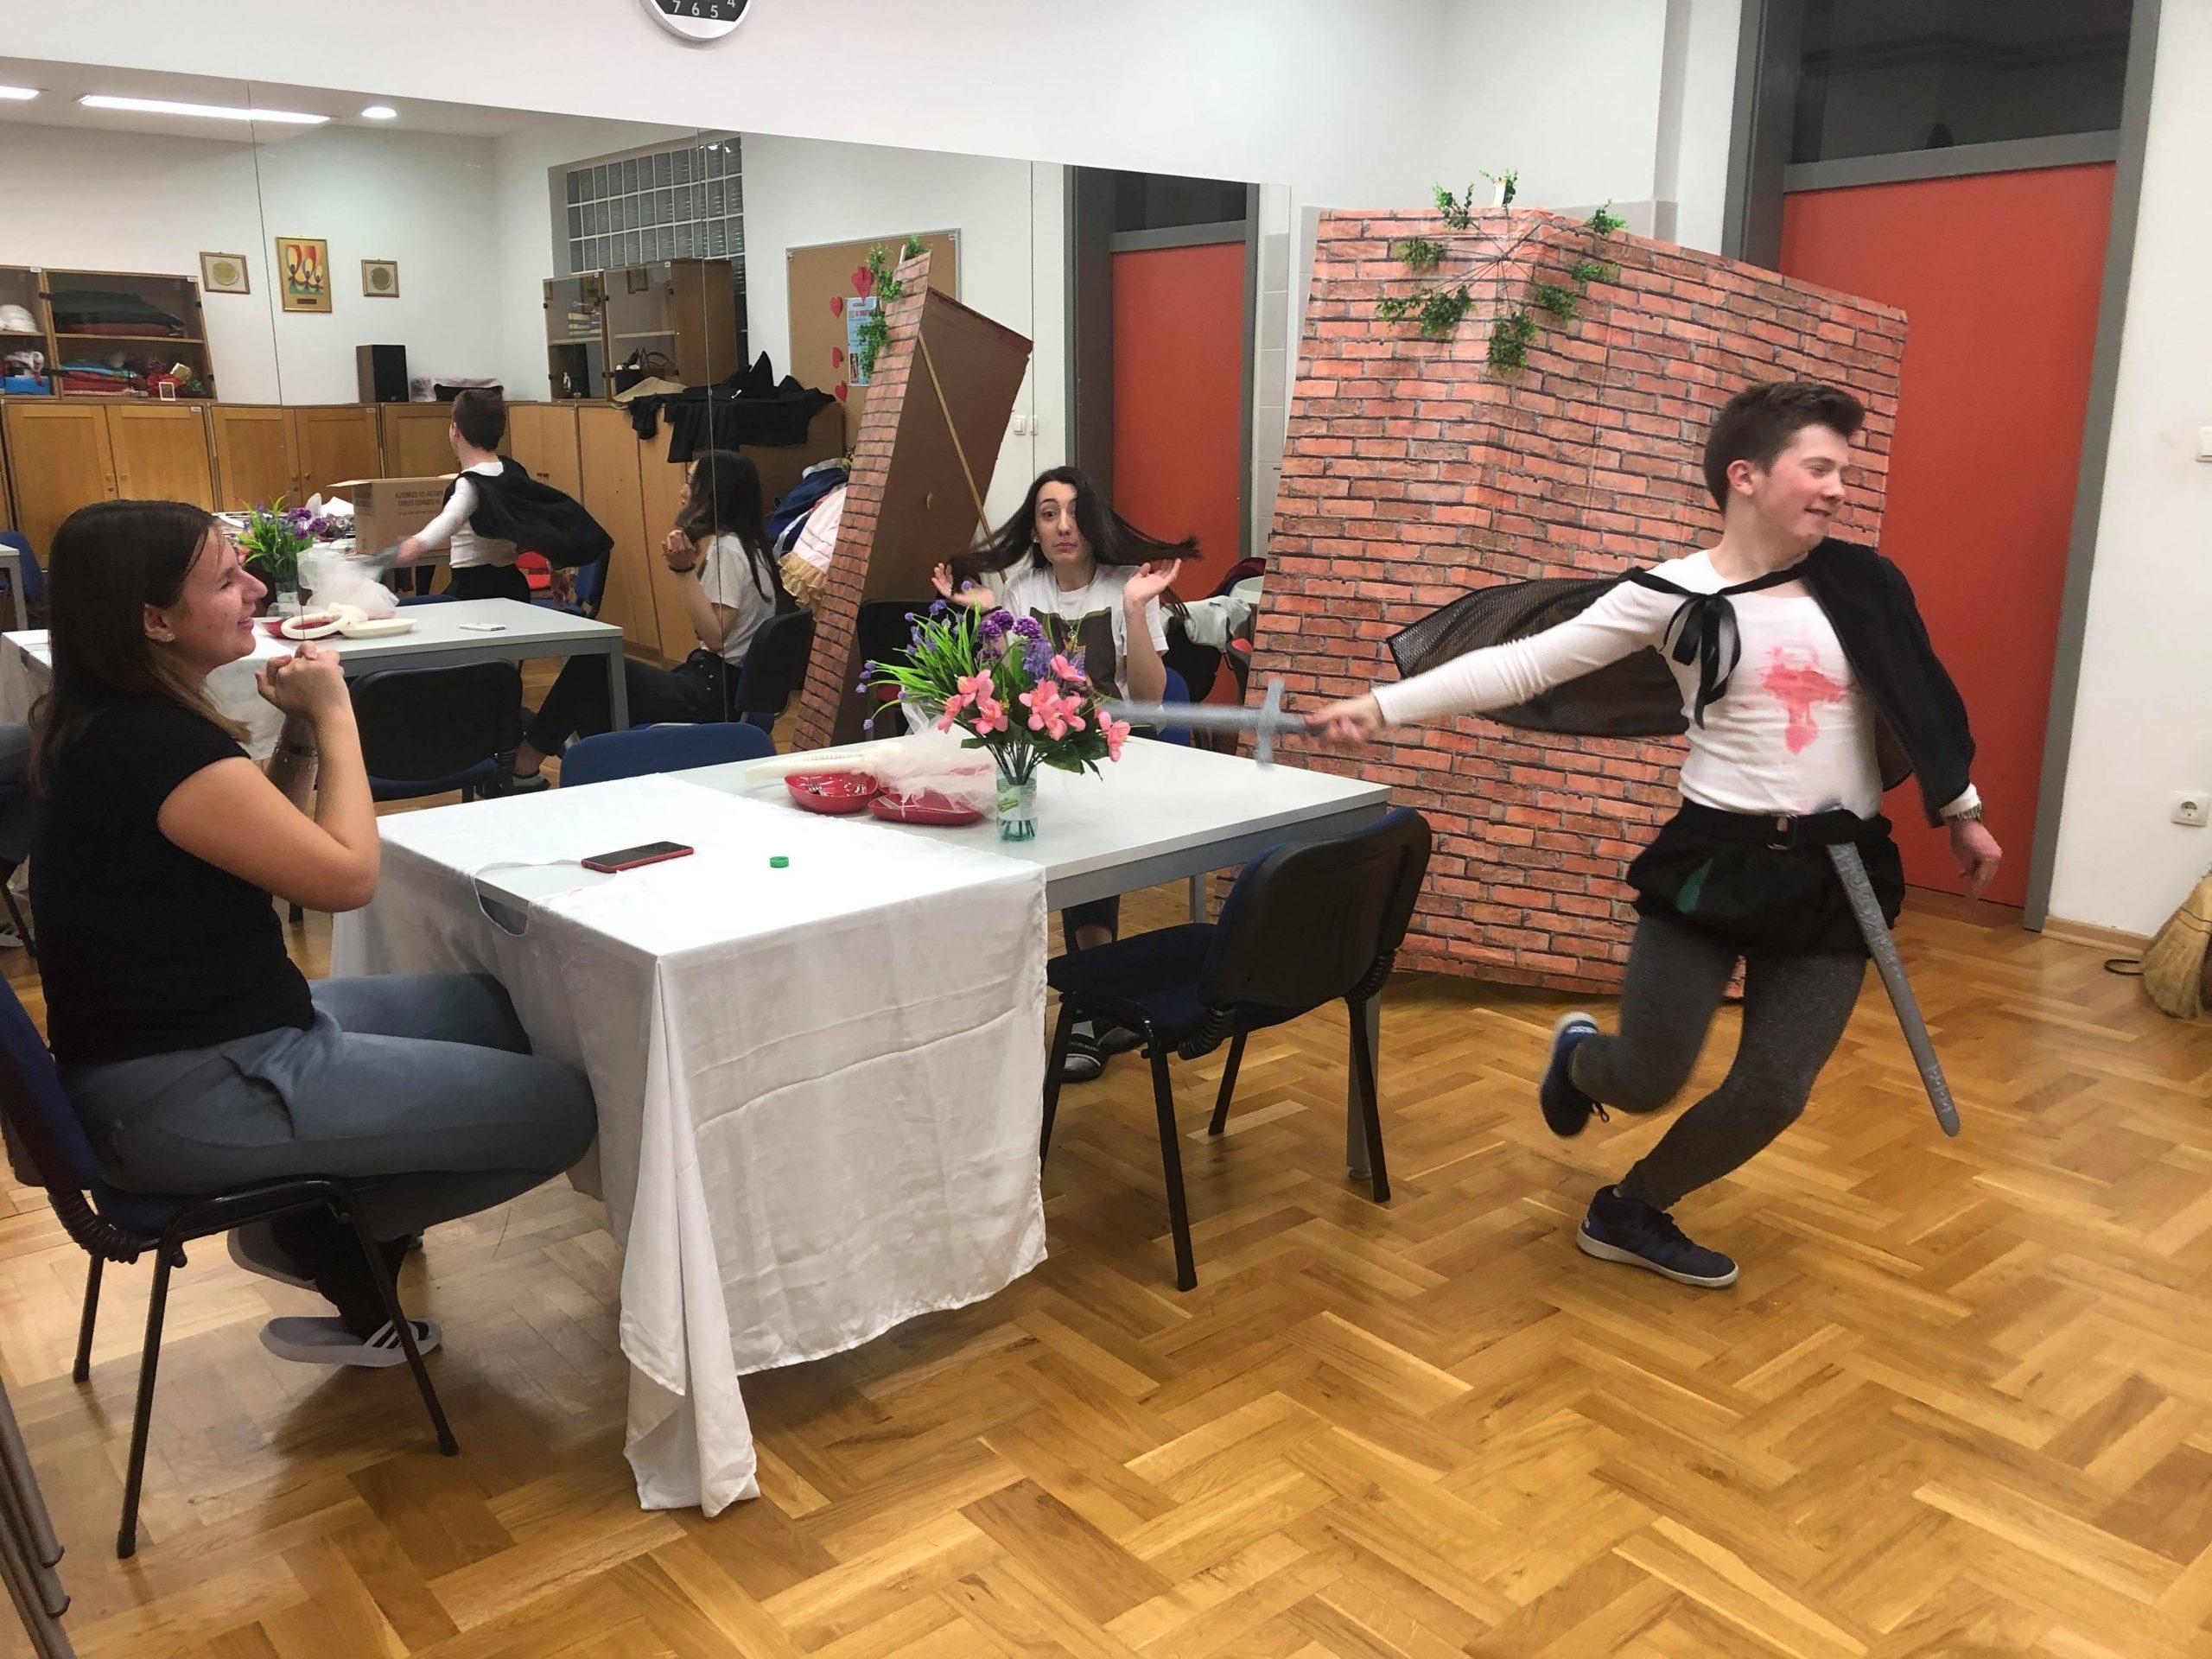 POKLON DRUGOM DOMU Komedija s puno ubojstava za savršeno Valentinovo